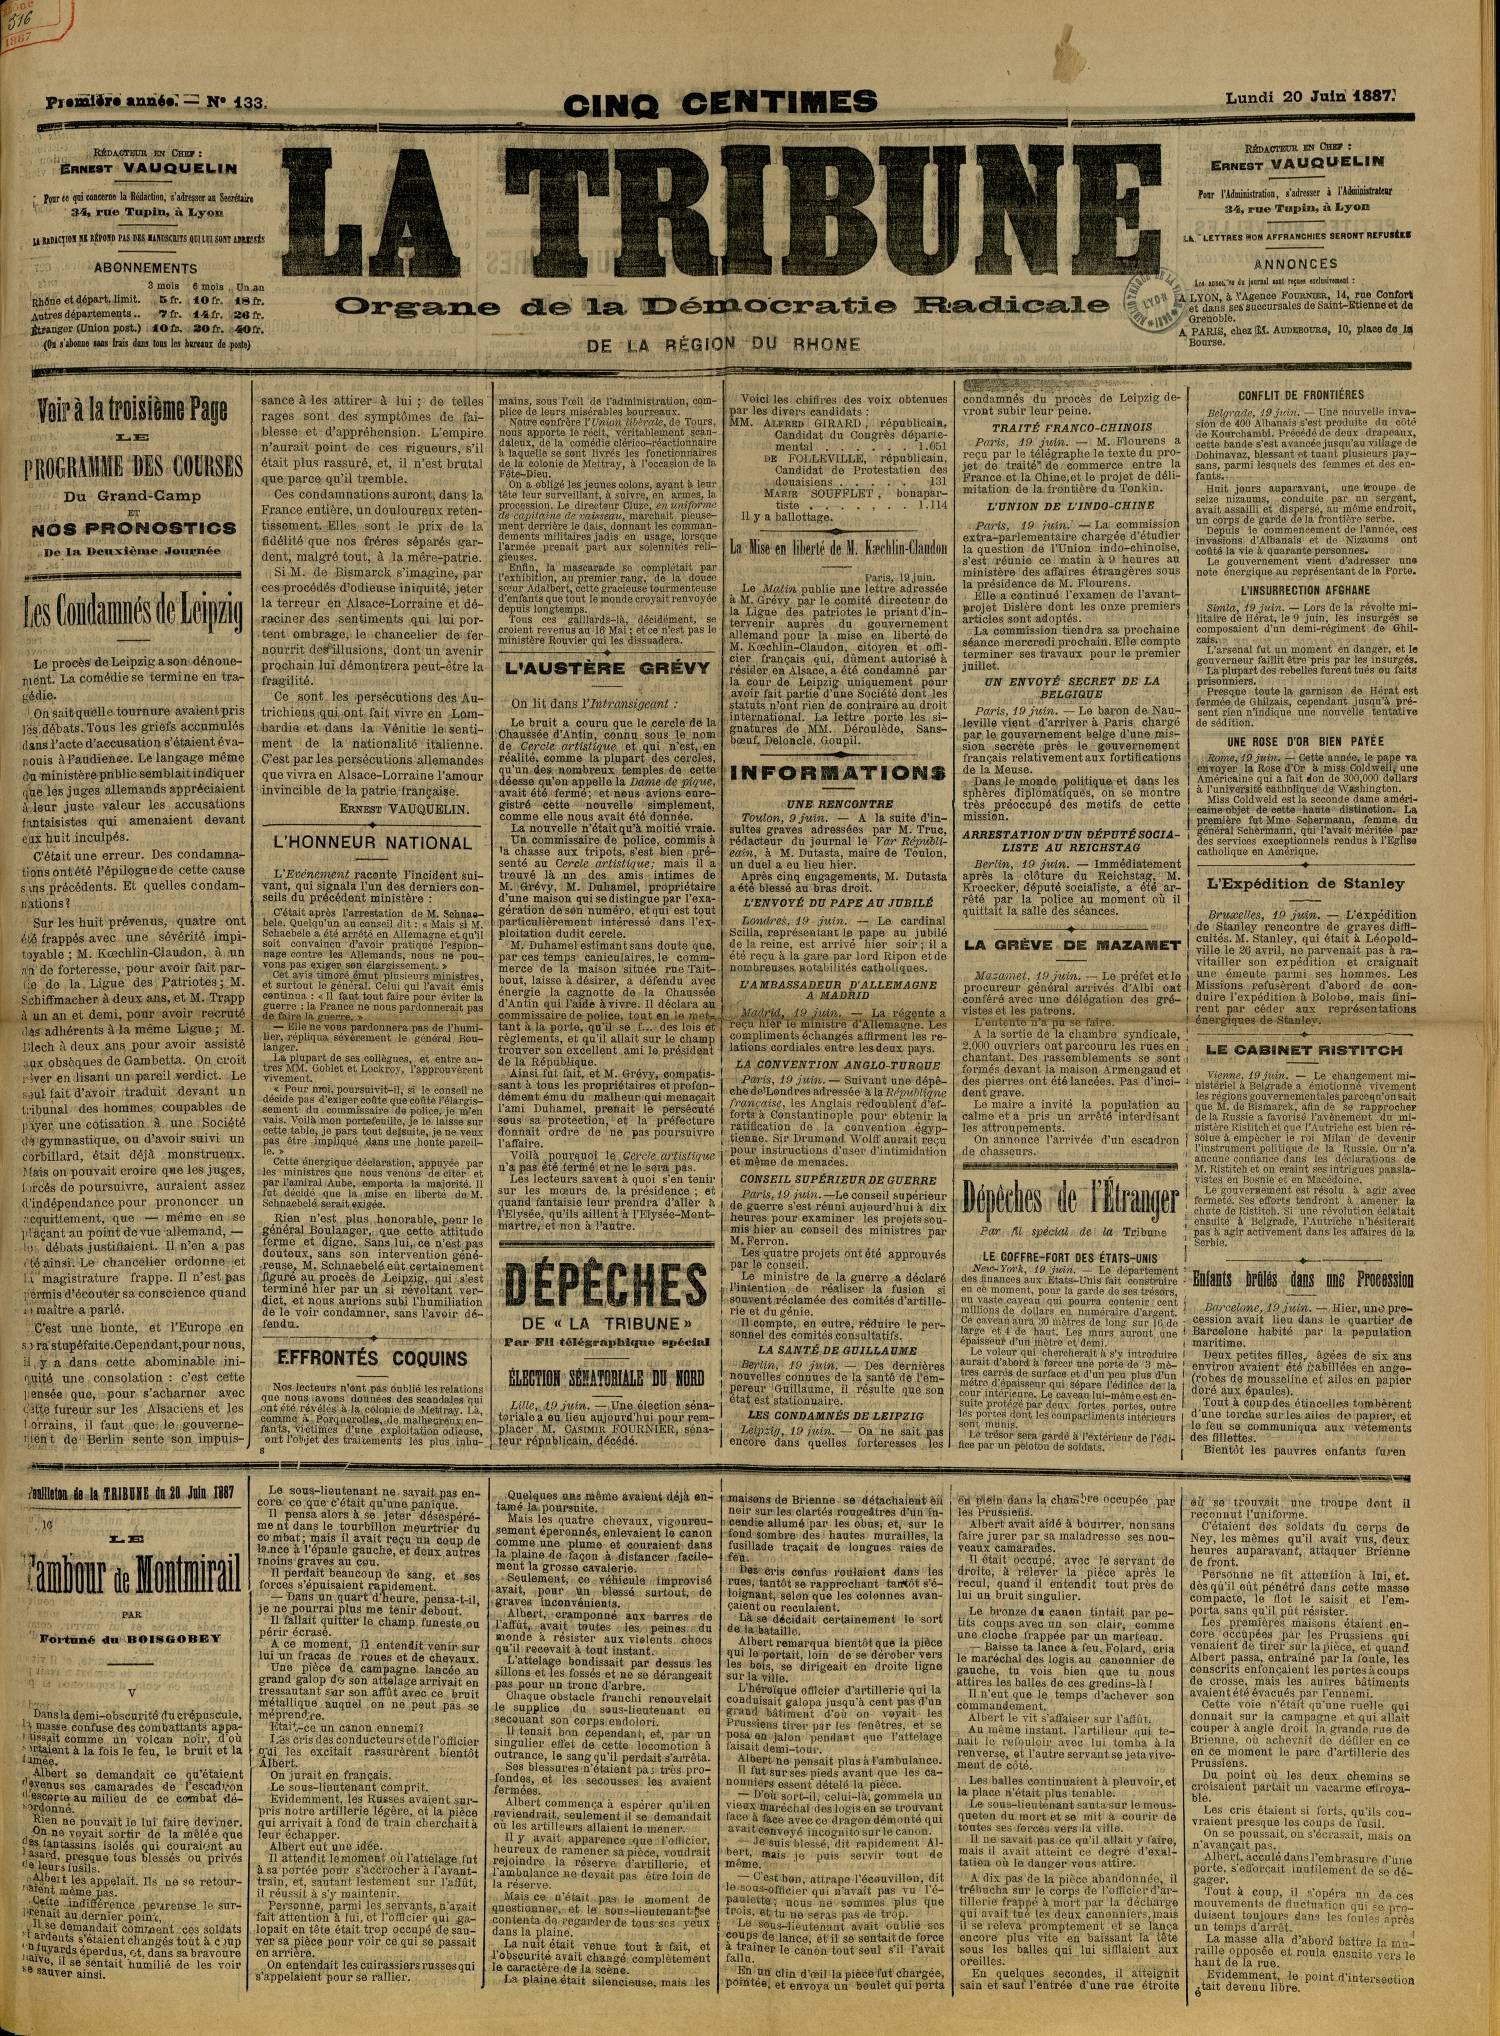 Contenu textuel de l'image : L'HONNEUR NATIONAL